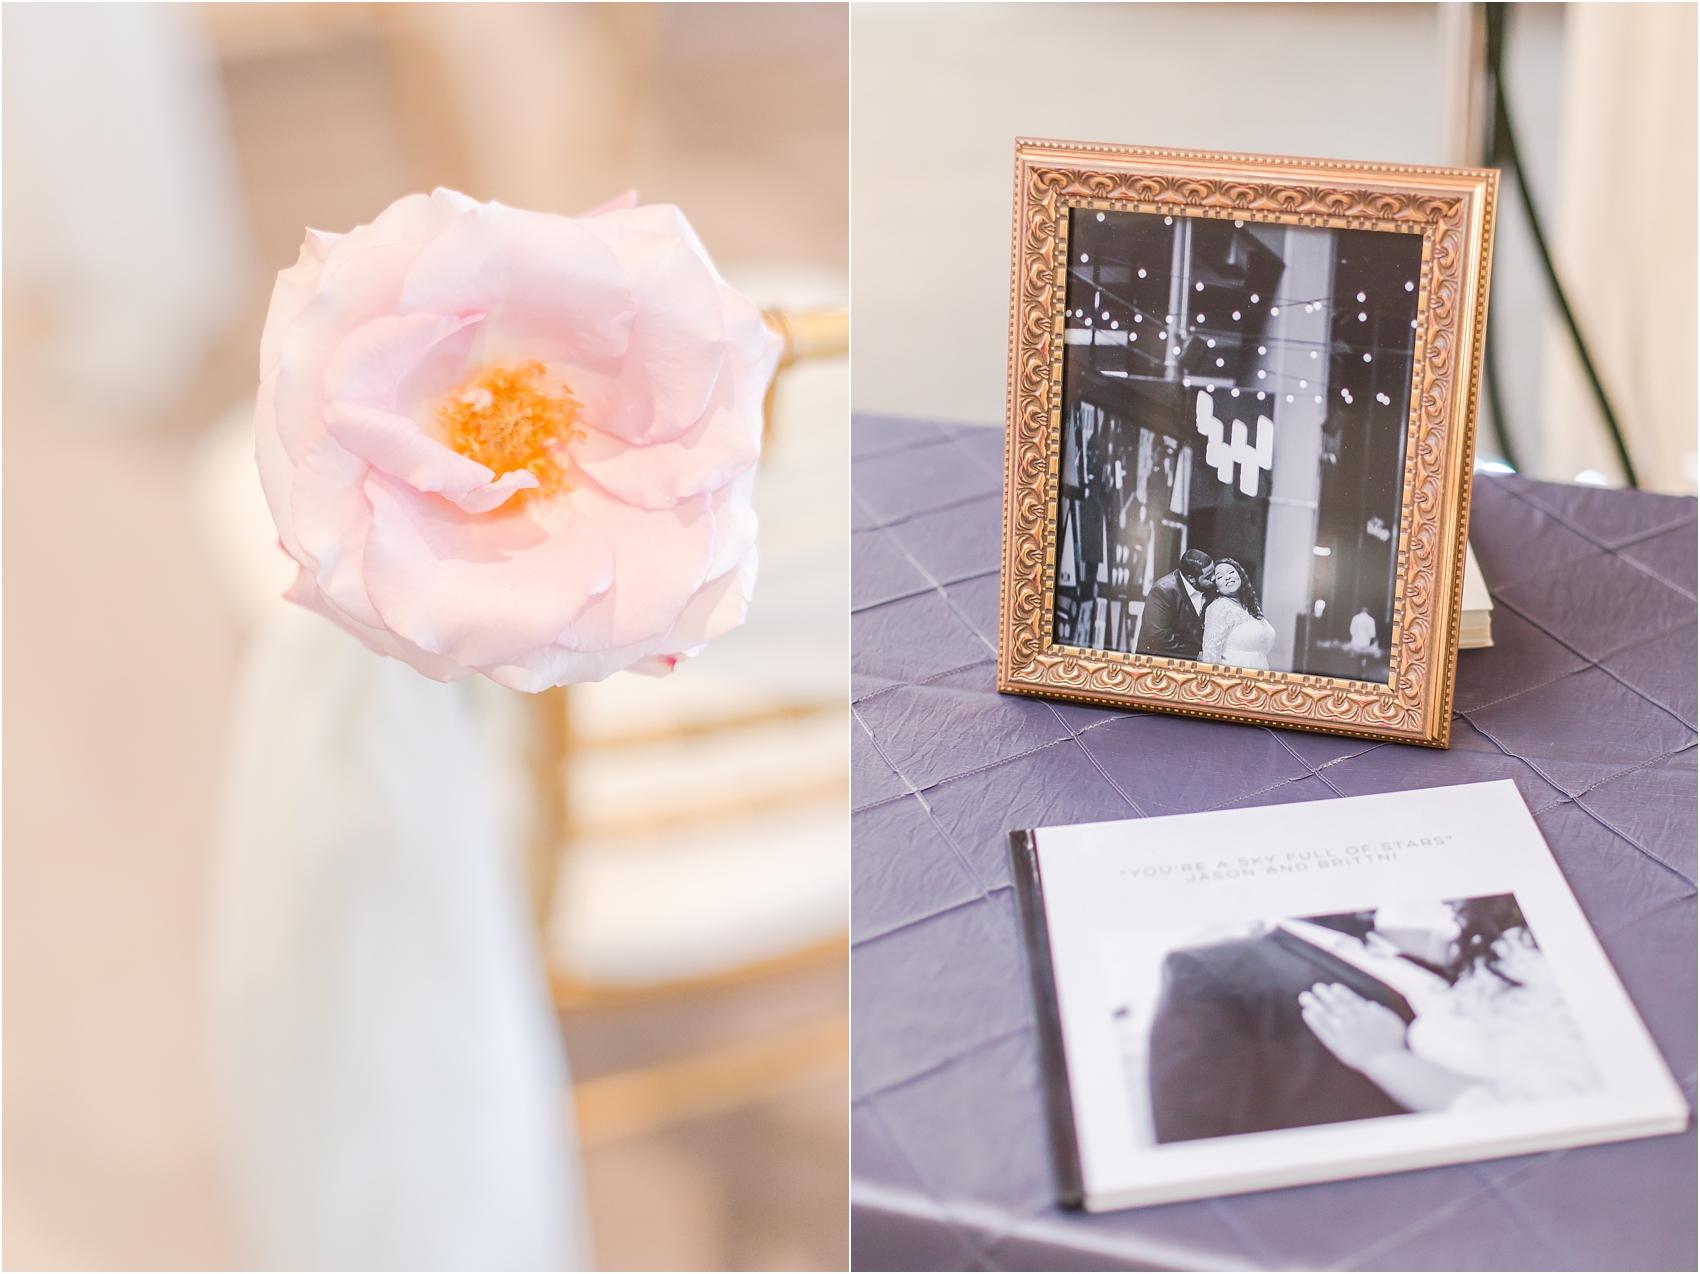 minimalist-and-modern-wedding-photos-at-30-north-saginaw-in-pontiac-michigan-by-courtney-carolyn-photography_0032.jpg